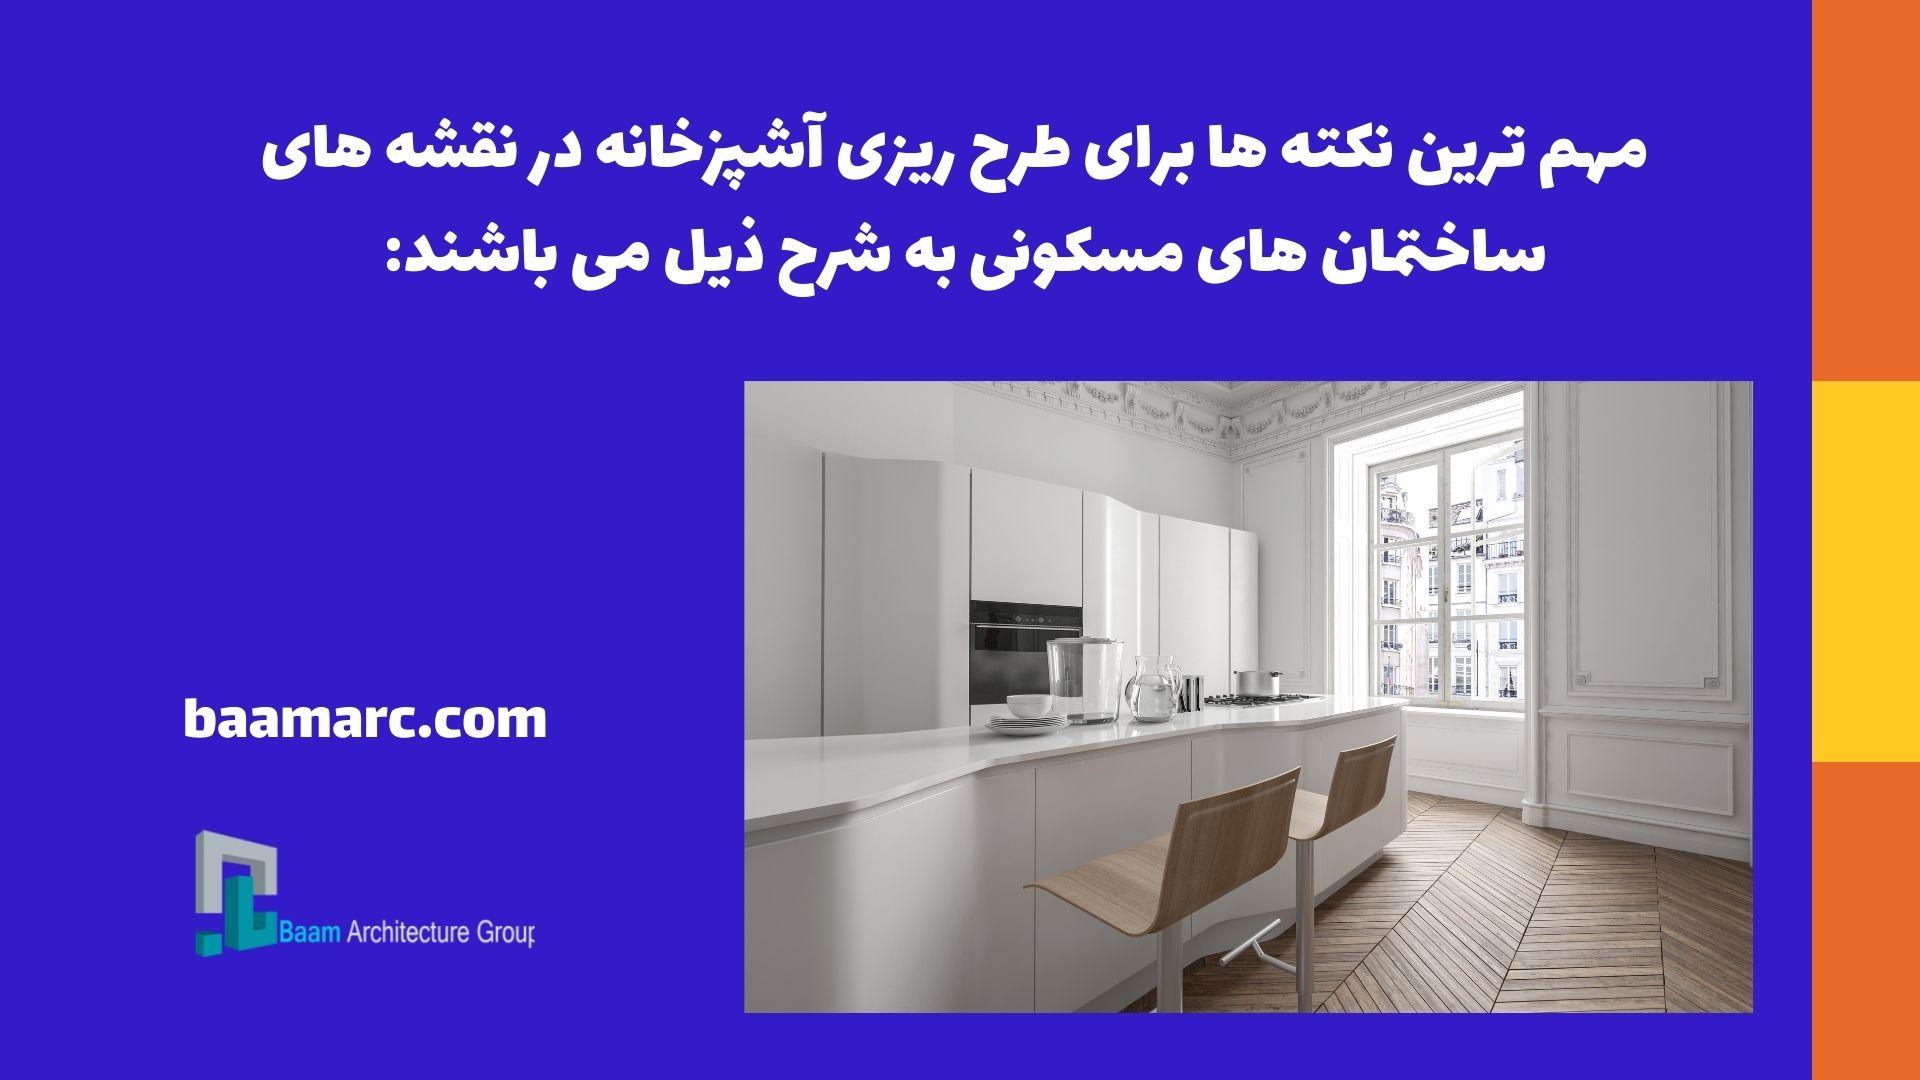 مهم ترین نکته ها برای طرح ریزی آشپزخانه در نقشه های ساختمان های مسکونی به شرح ذیل می باشند: